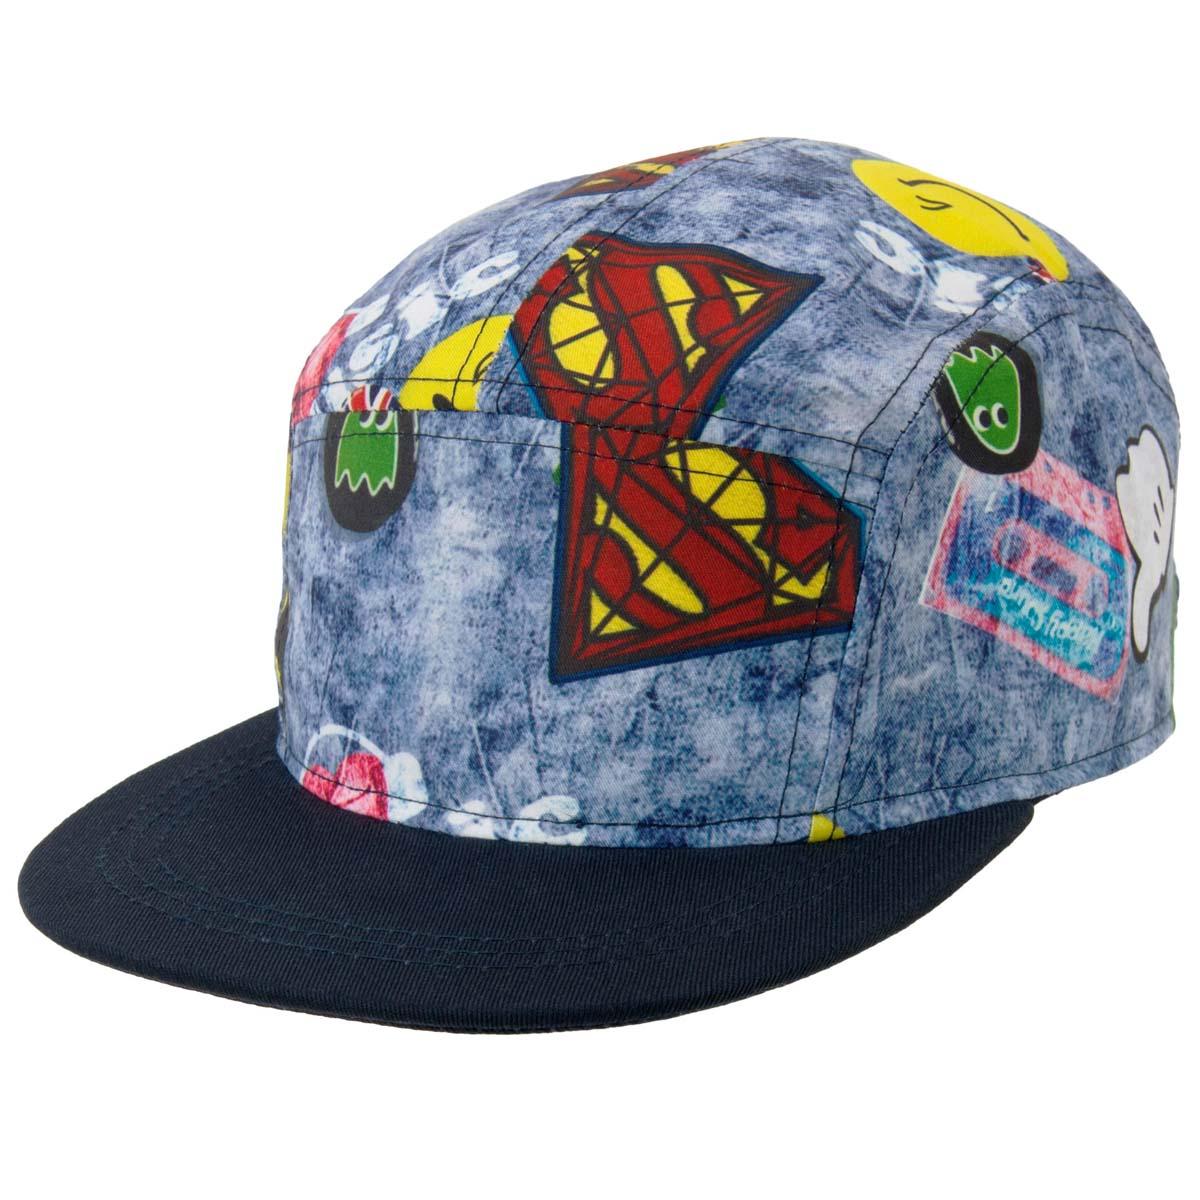 ffb5981d0a berretto con visiera per bambini , EUR 16,90 --> cappelleria ...